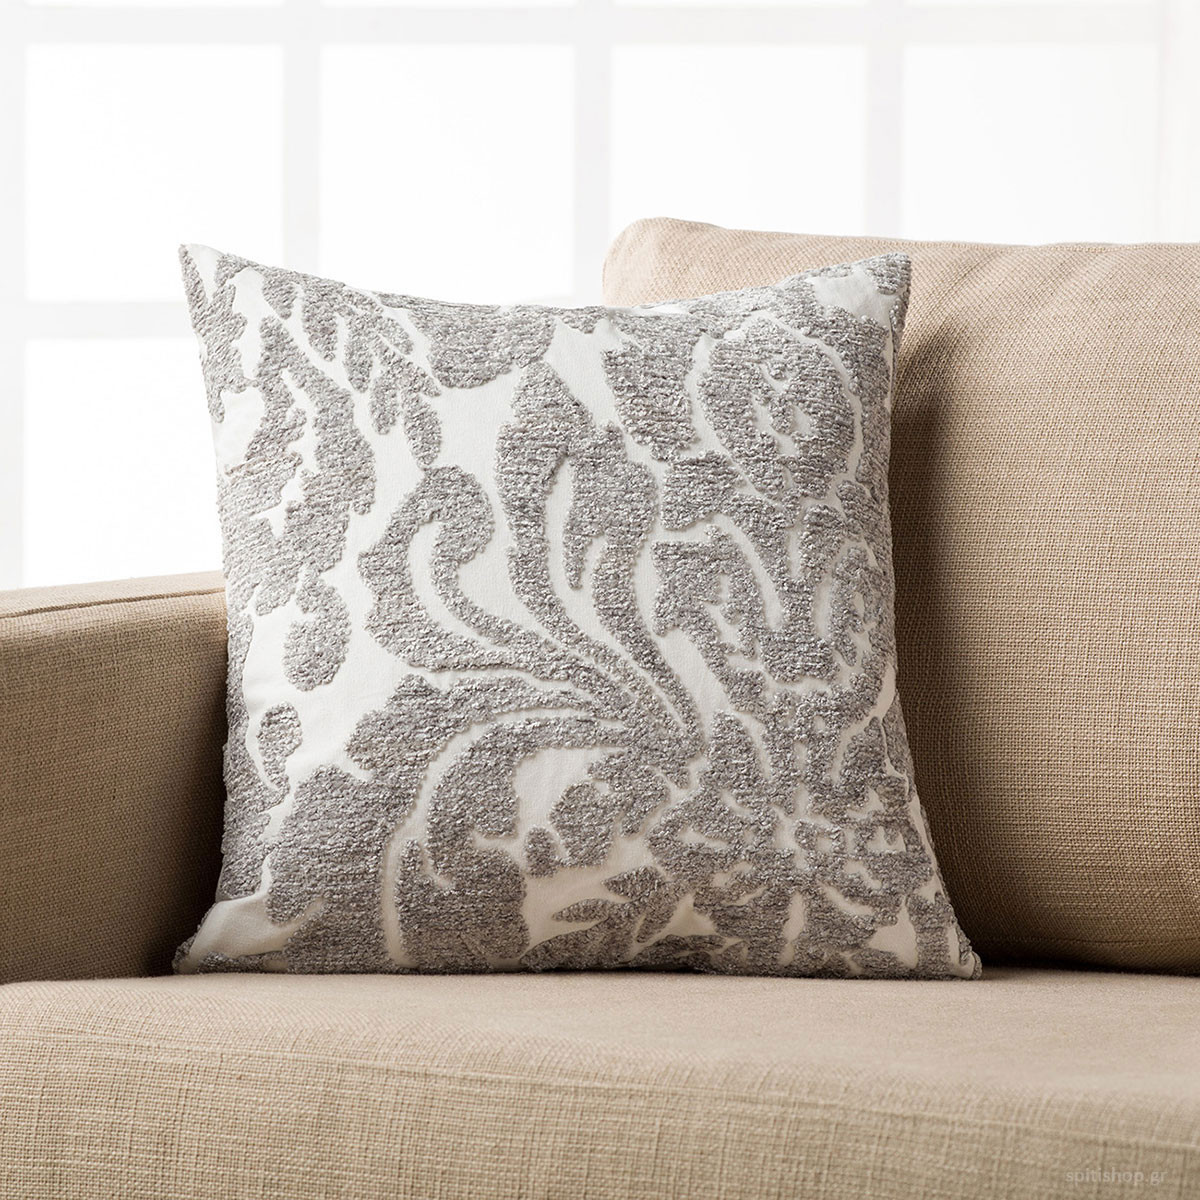 Διακοσμητική Μαξιλαροθήκη Gofis Home Palm Grey 621/15